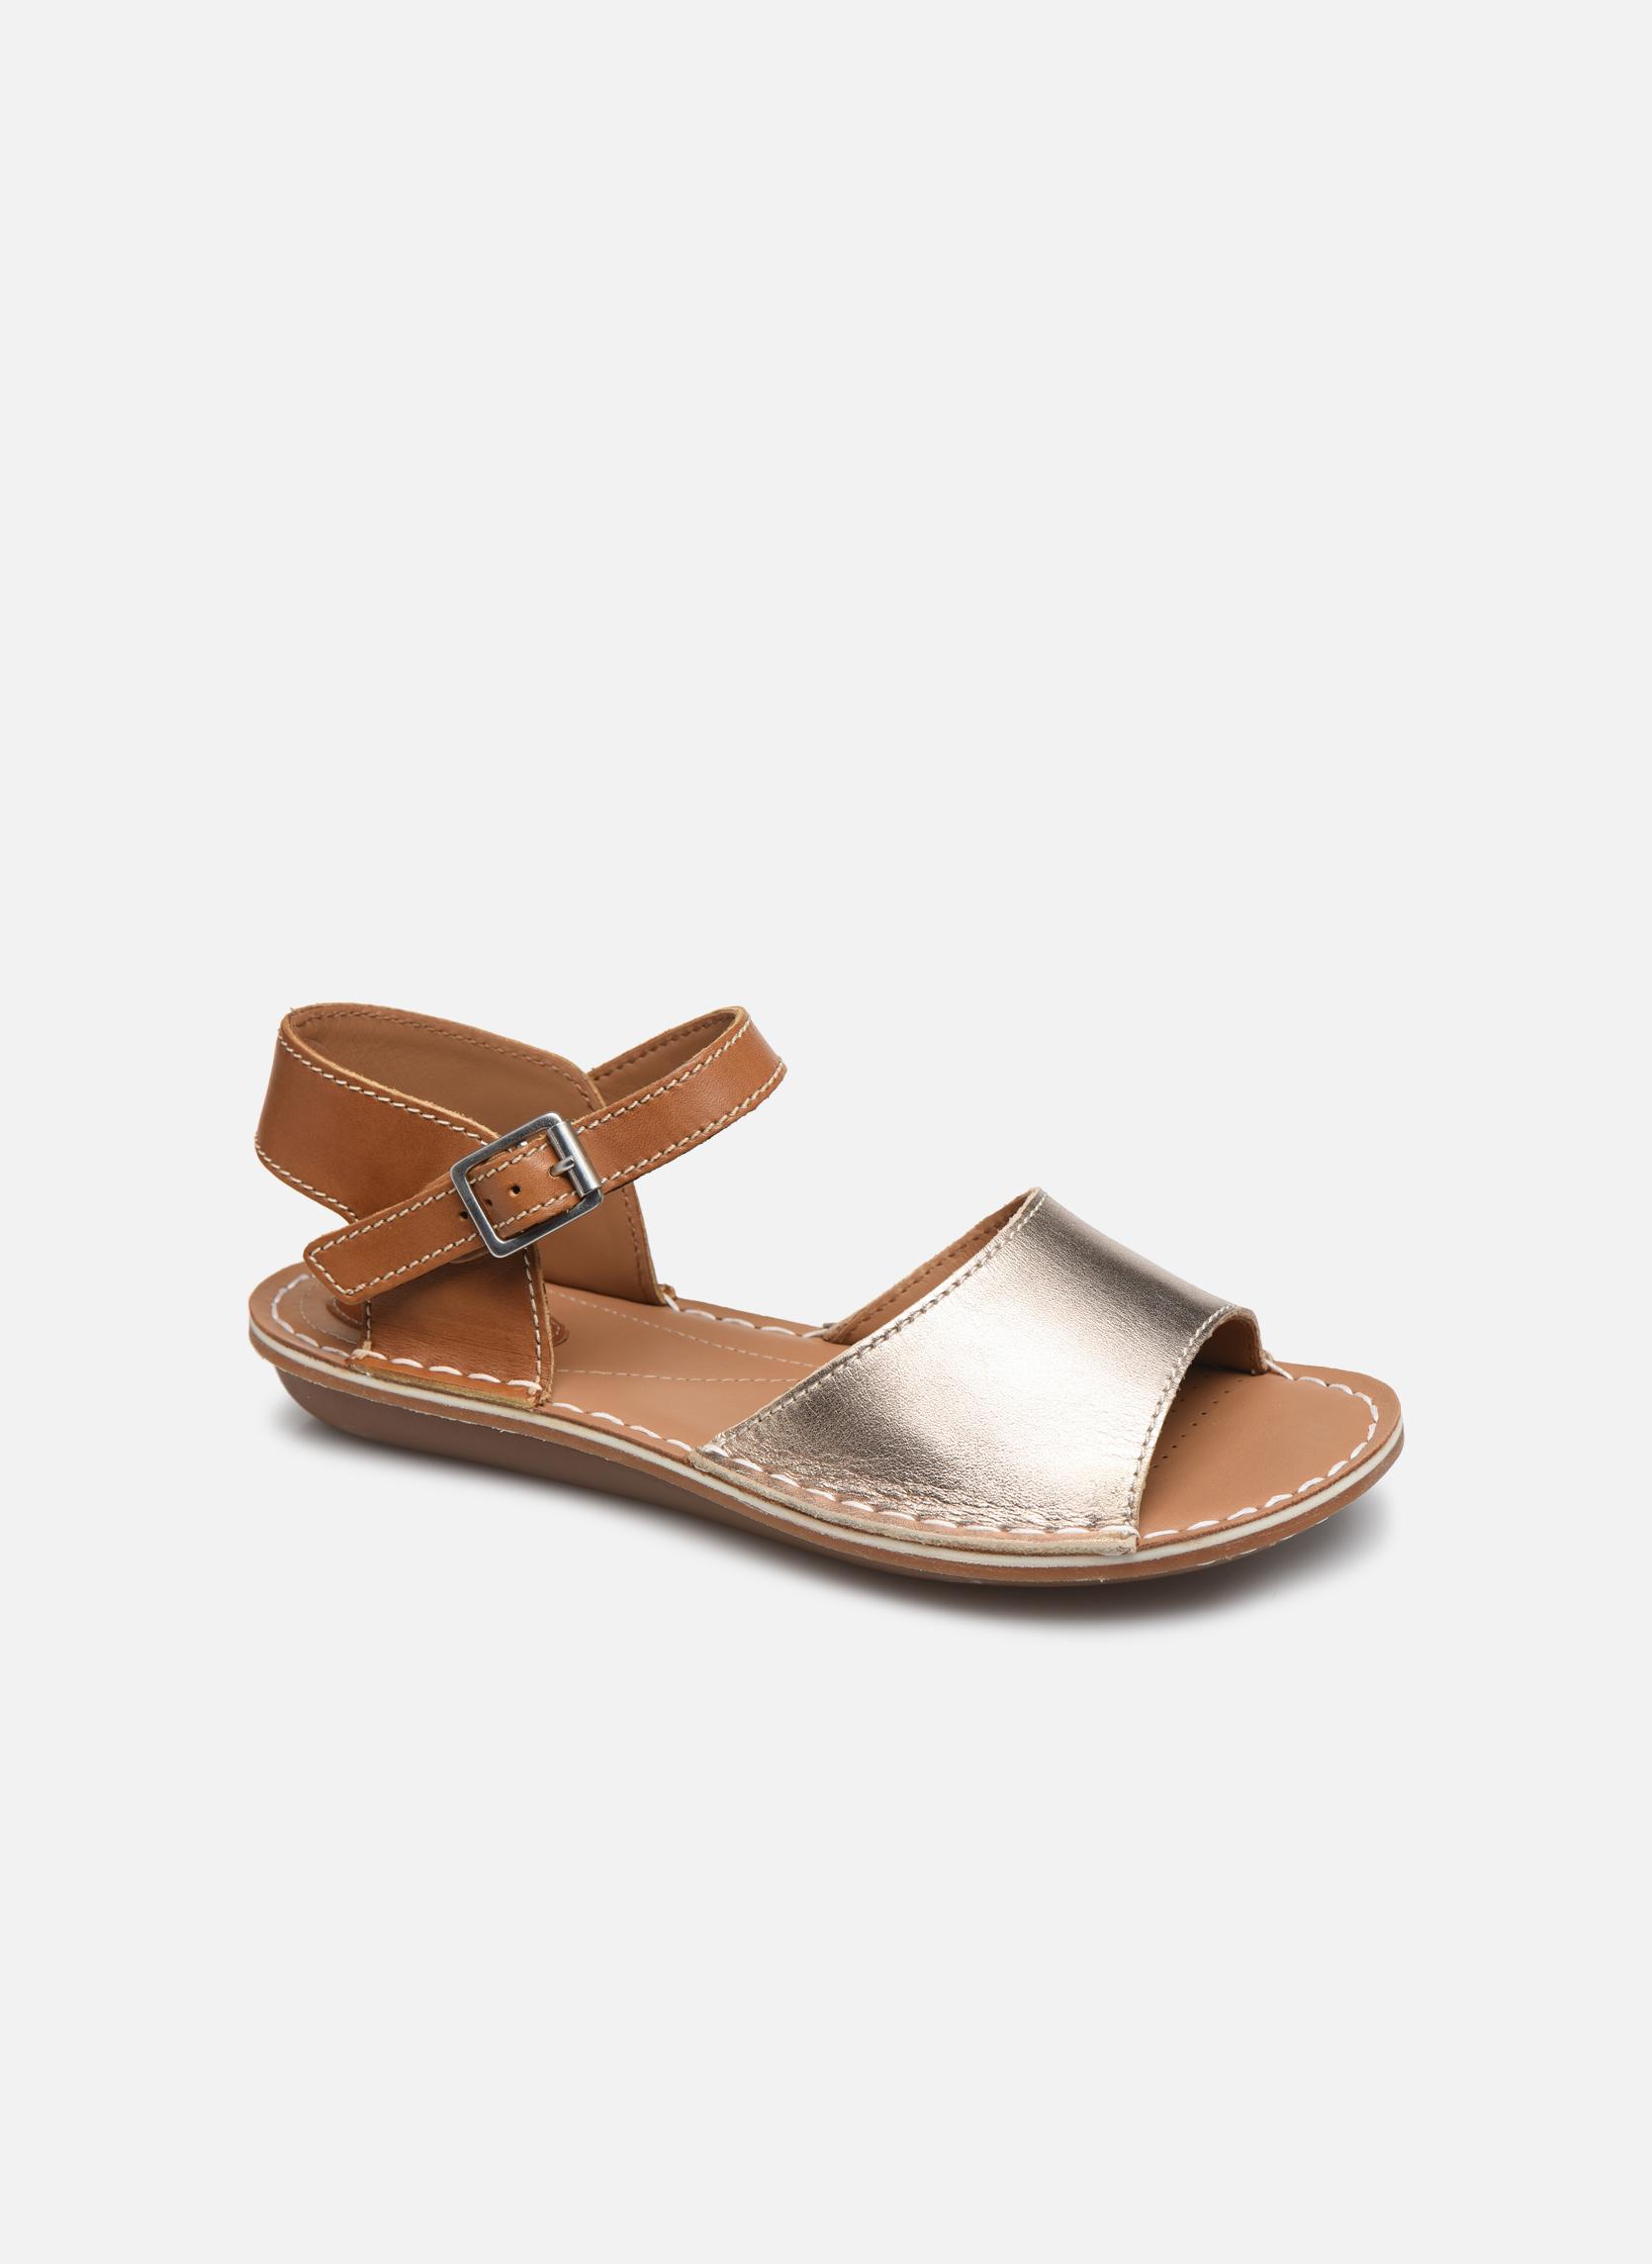 Tustin Sinitta Gold Leather